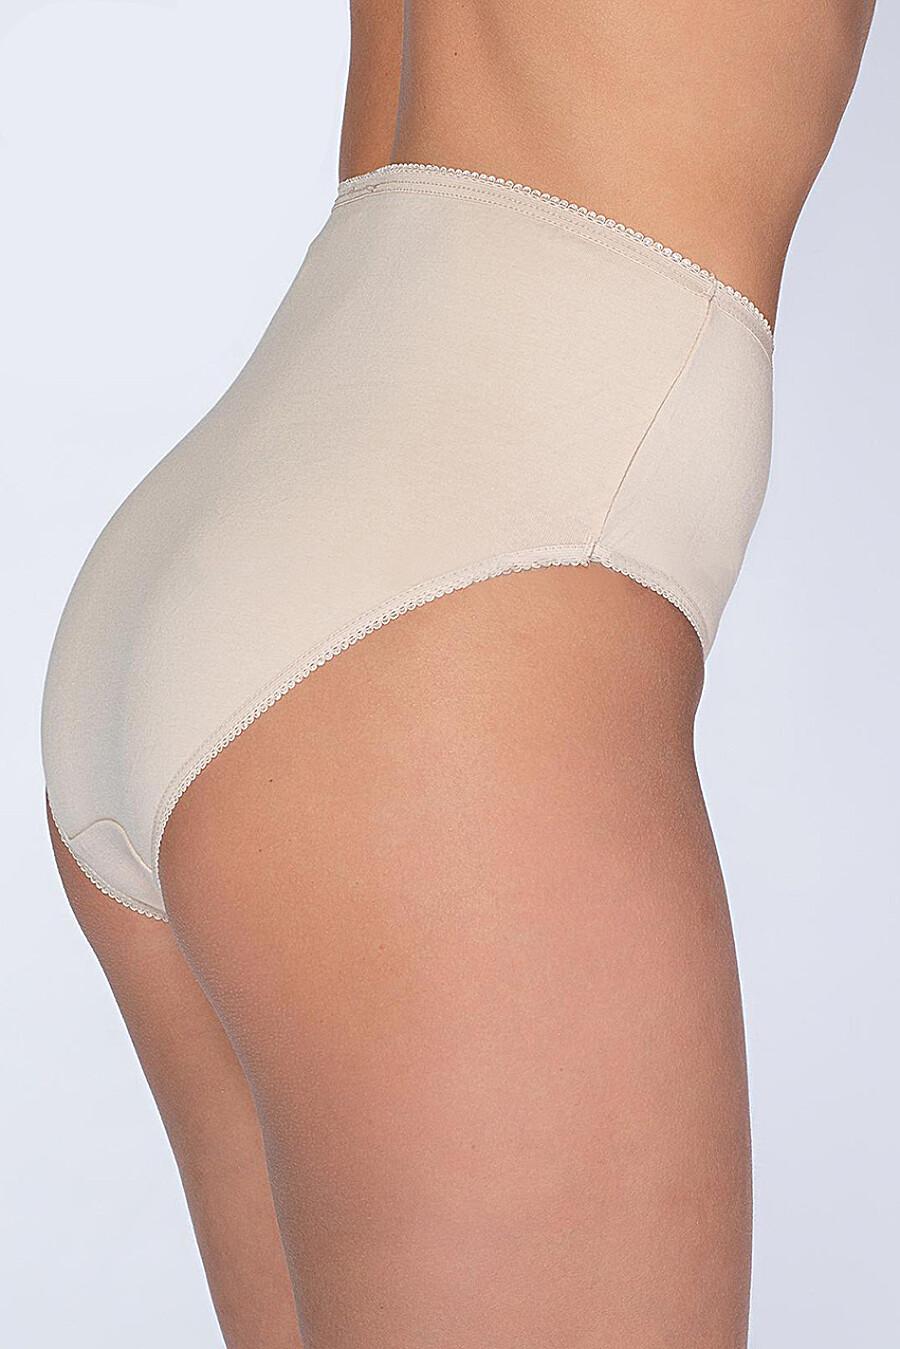 Трусы для женщин MINIMI 272759 купить оптом от производителя. Совместная покупка женской одежды в OptMoyo